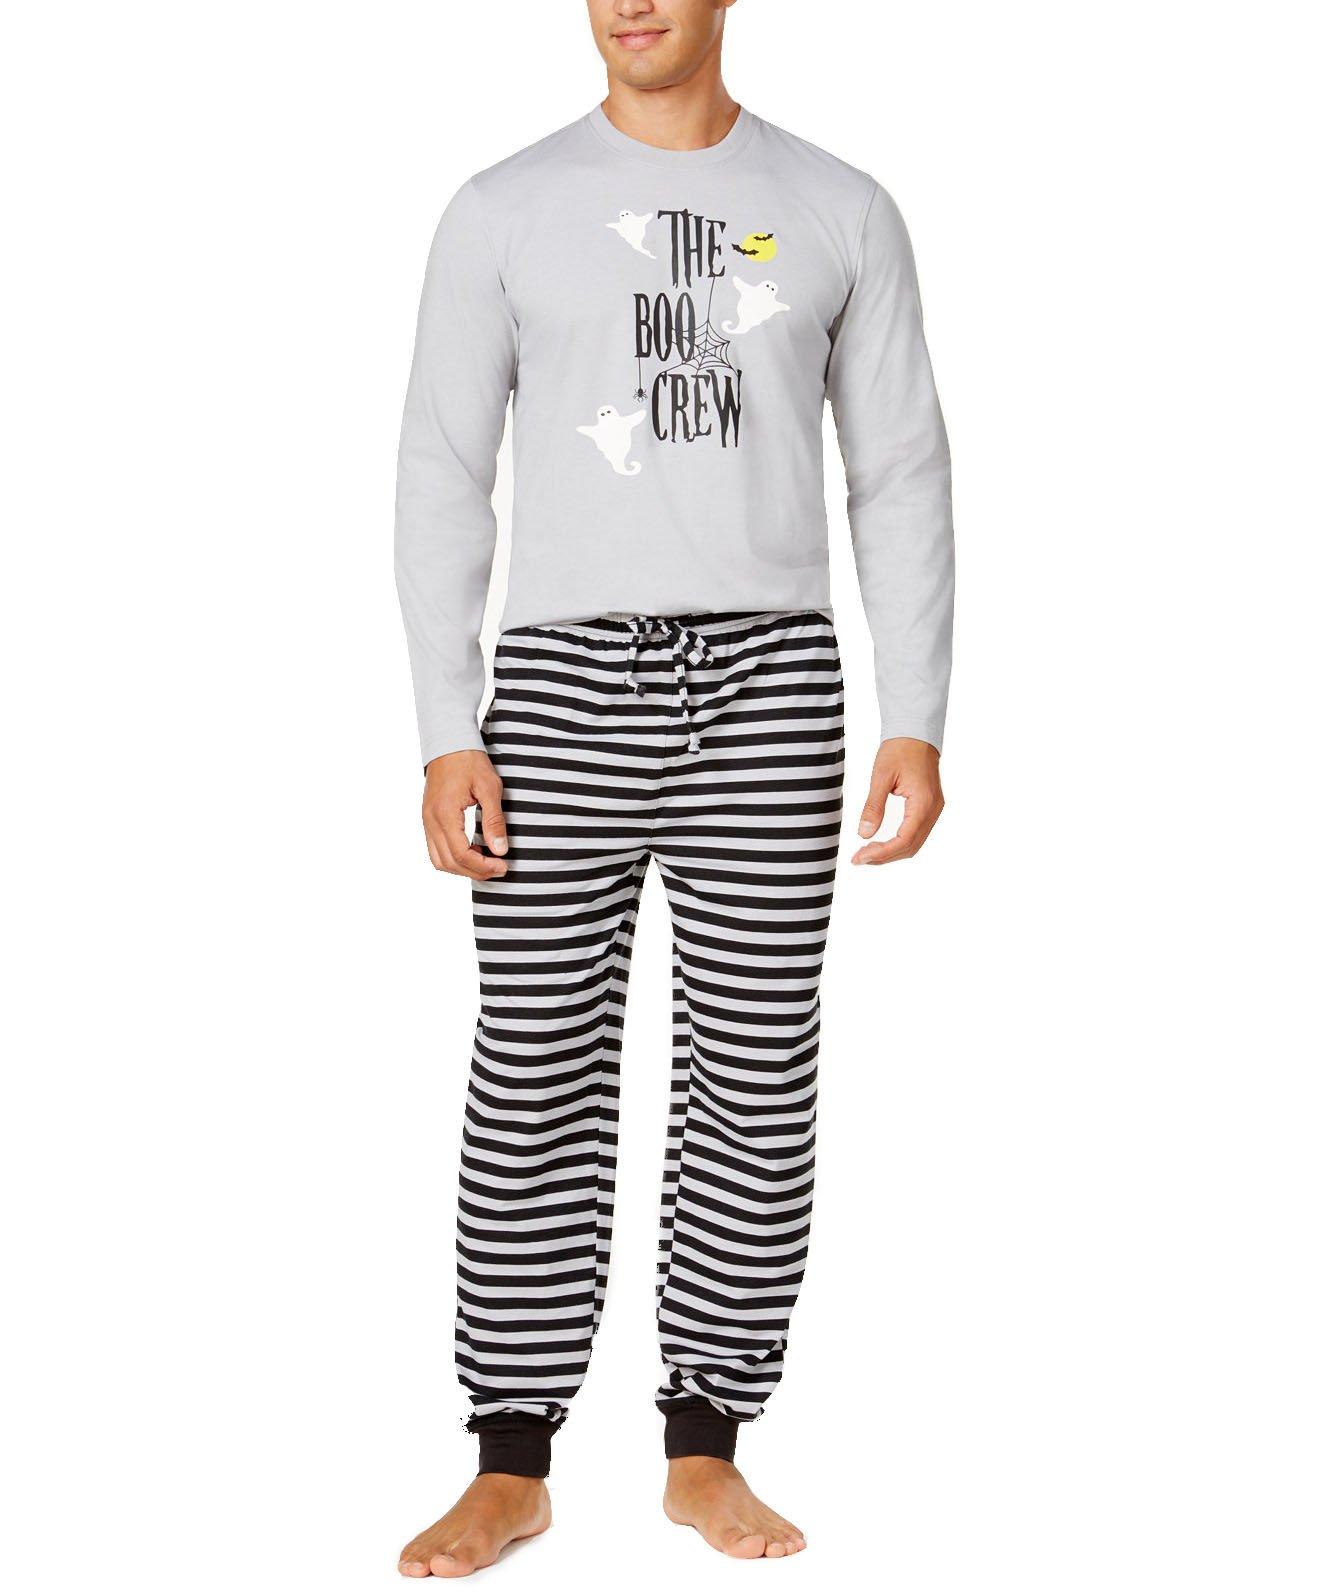 Family Pajamas Men's Boo Crew Knit Pajama Set (Medium, Boo Crew)